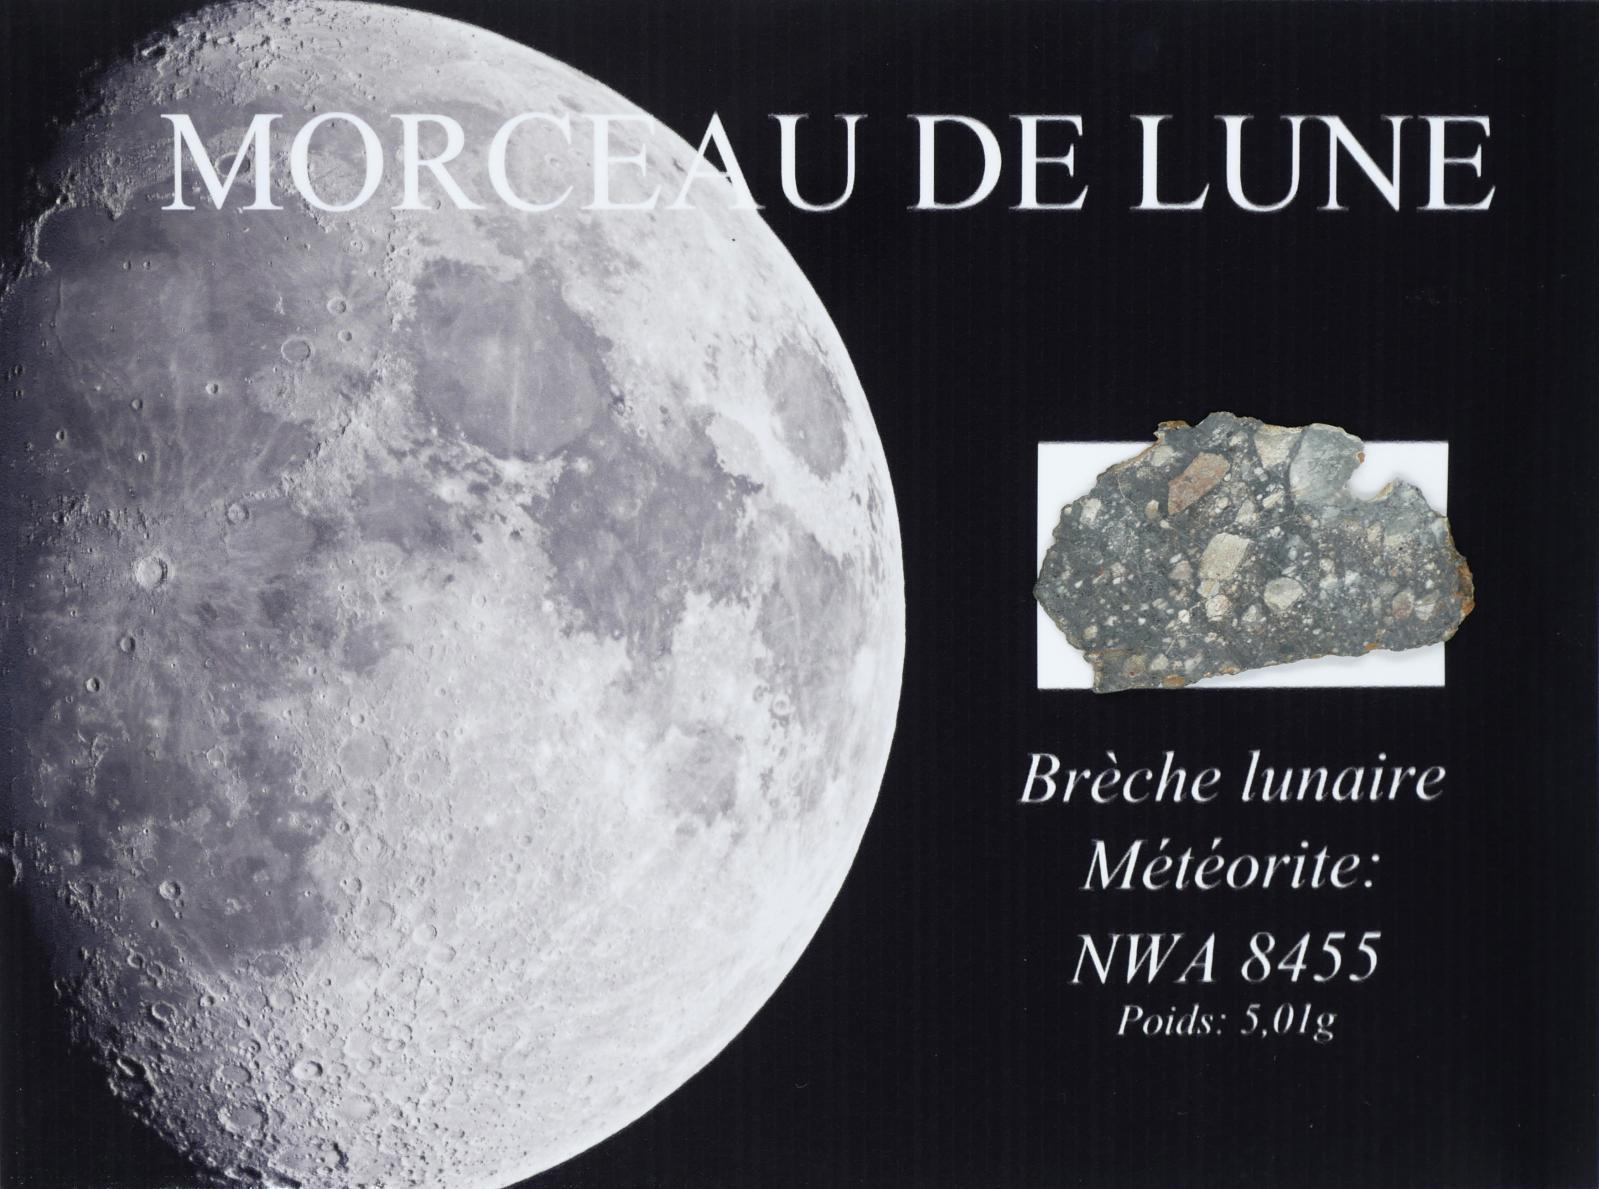 Météorite lunaire NWA8455, brèche régolithique avec inclusions blanches et roses de feldspath, poids: 4,32kg. Paris, Drouot-Richelieu, 16novembre